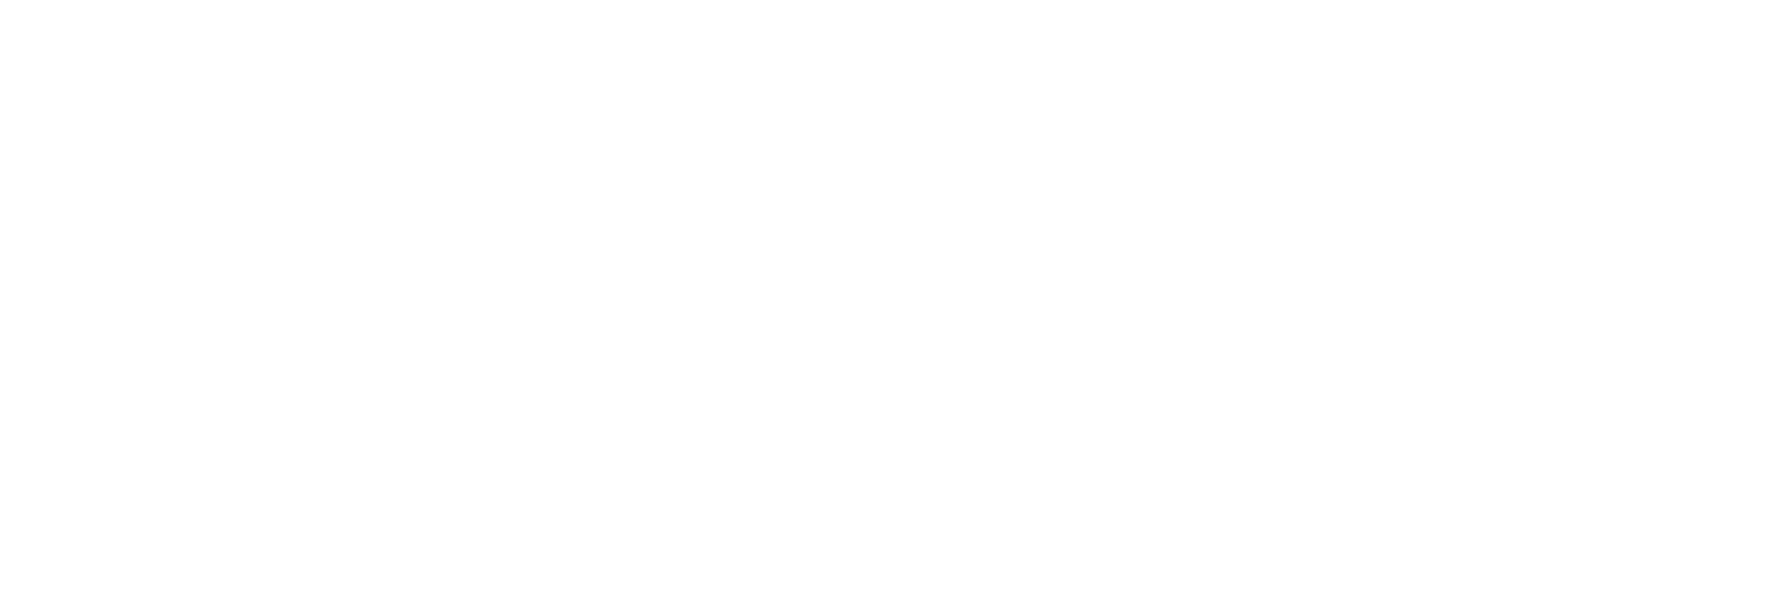 Evolve-White